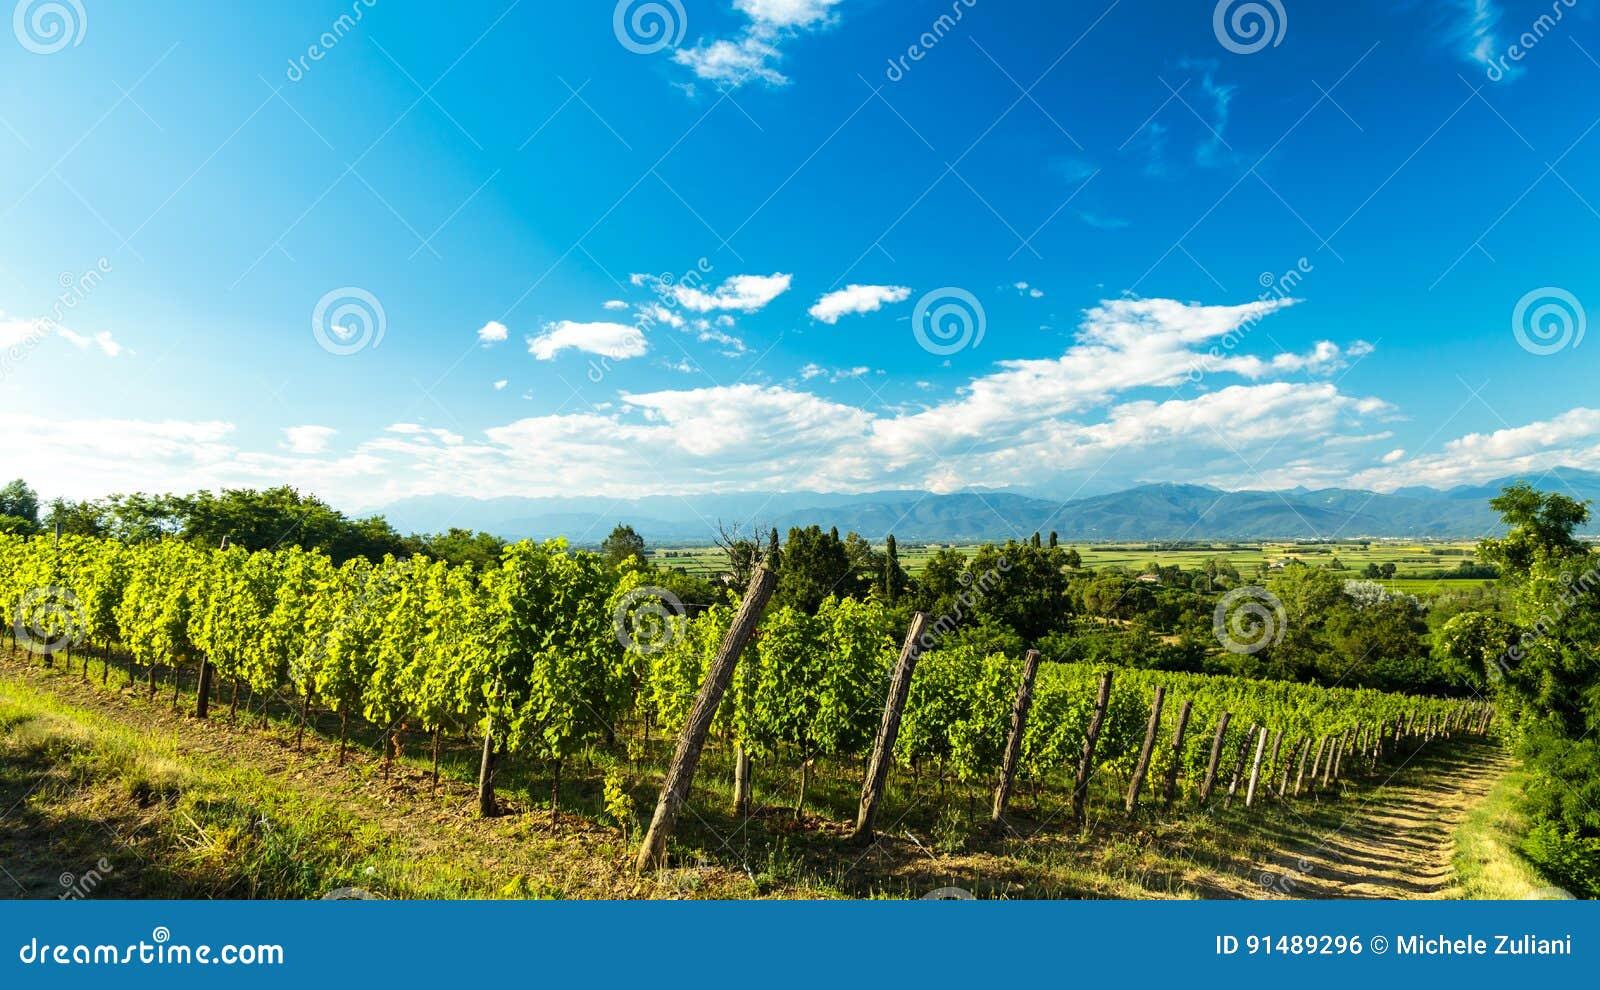 Champ De Vigne champ de vigne dans la campagne italienne photo stock - image du